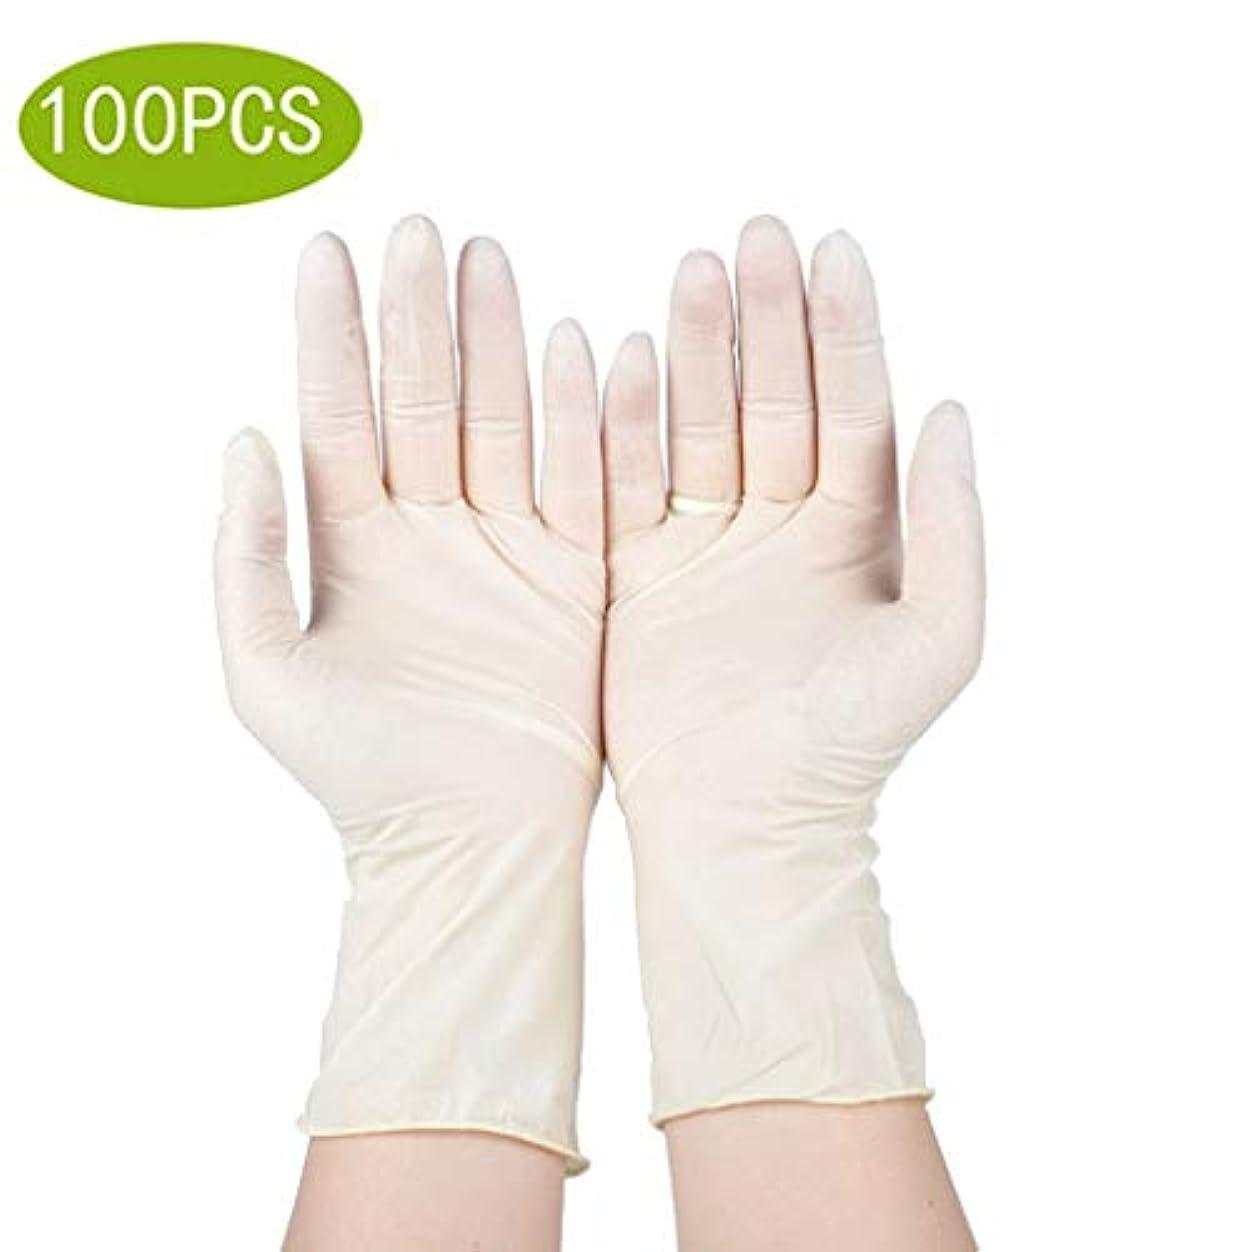 飛ぶ南パズルニトリル手袋義務使い捨てビニール手袋、100カウント、特大 - パウダーフリー、両用性、超快適、極度の強度、耐久性と伸縮性、医療、食品、マルチユース (Color : Latex Gloves, Size : M)